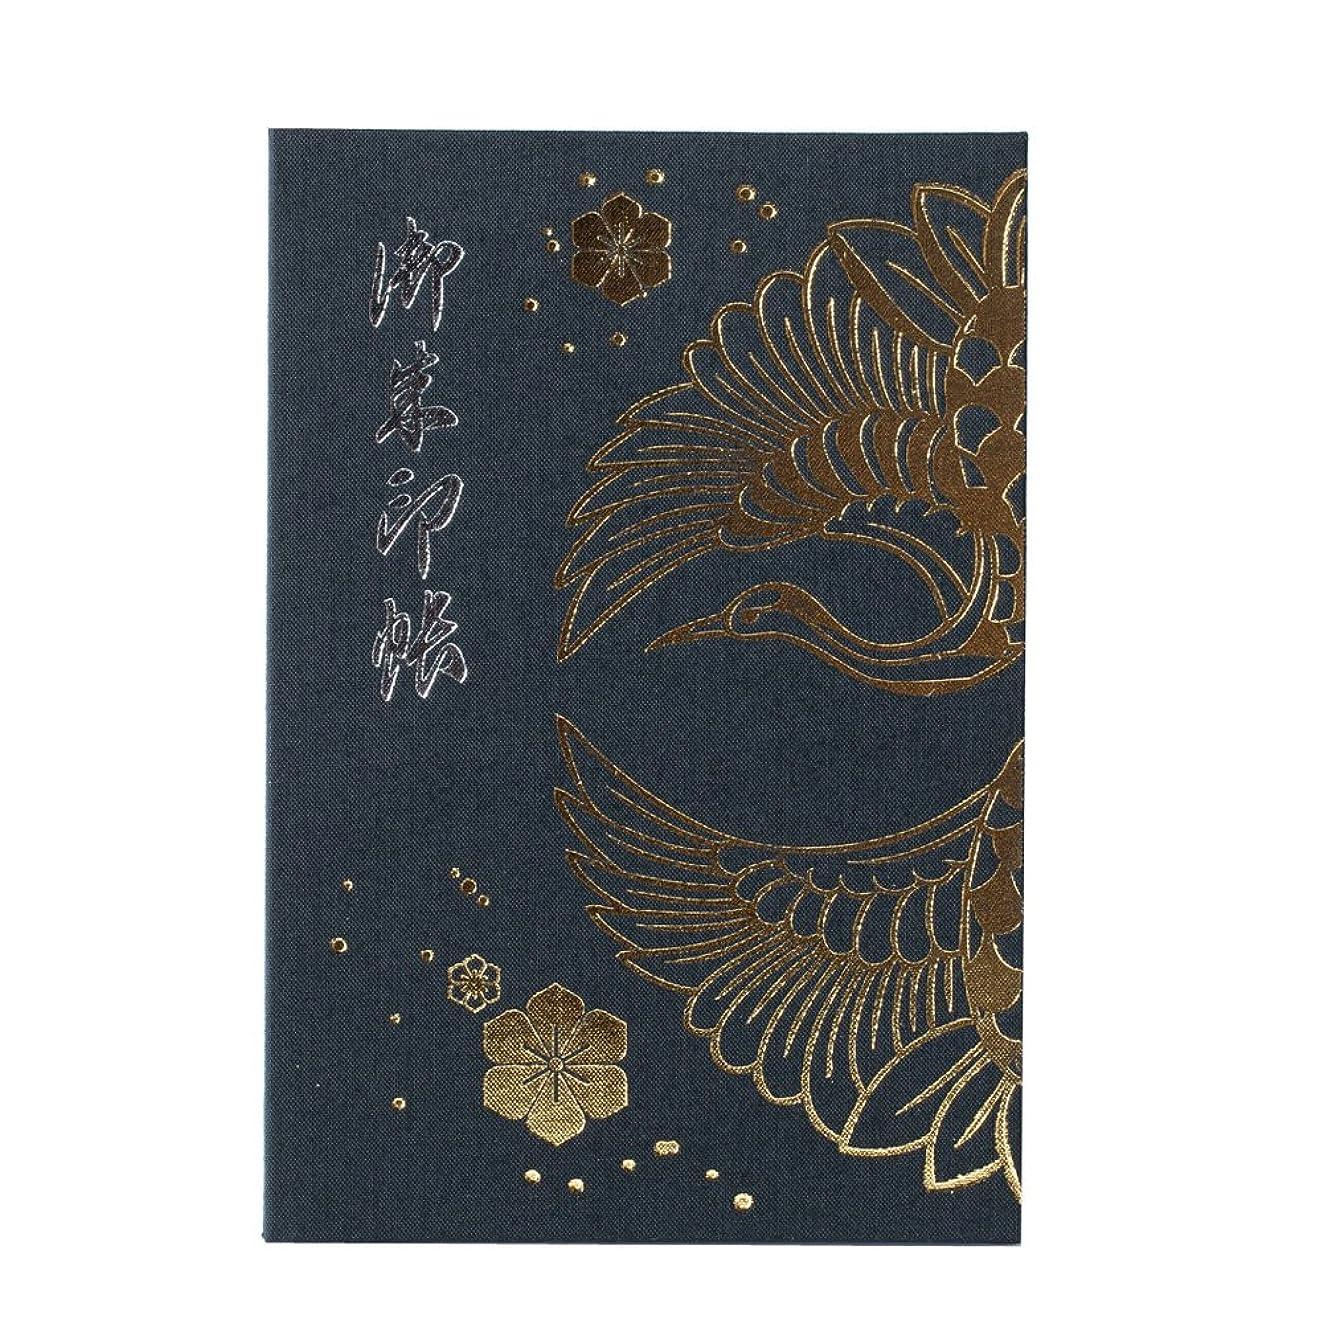 【御朱印帳】大判/観音鶴王/蛇腹式/2カラー (金)